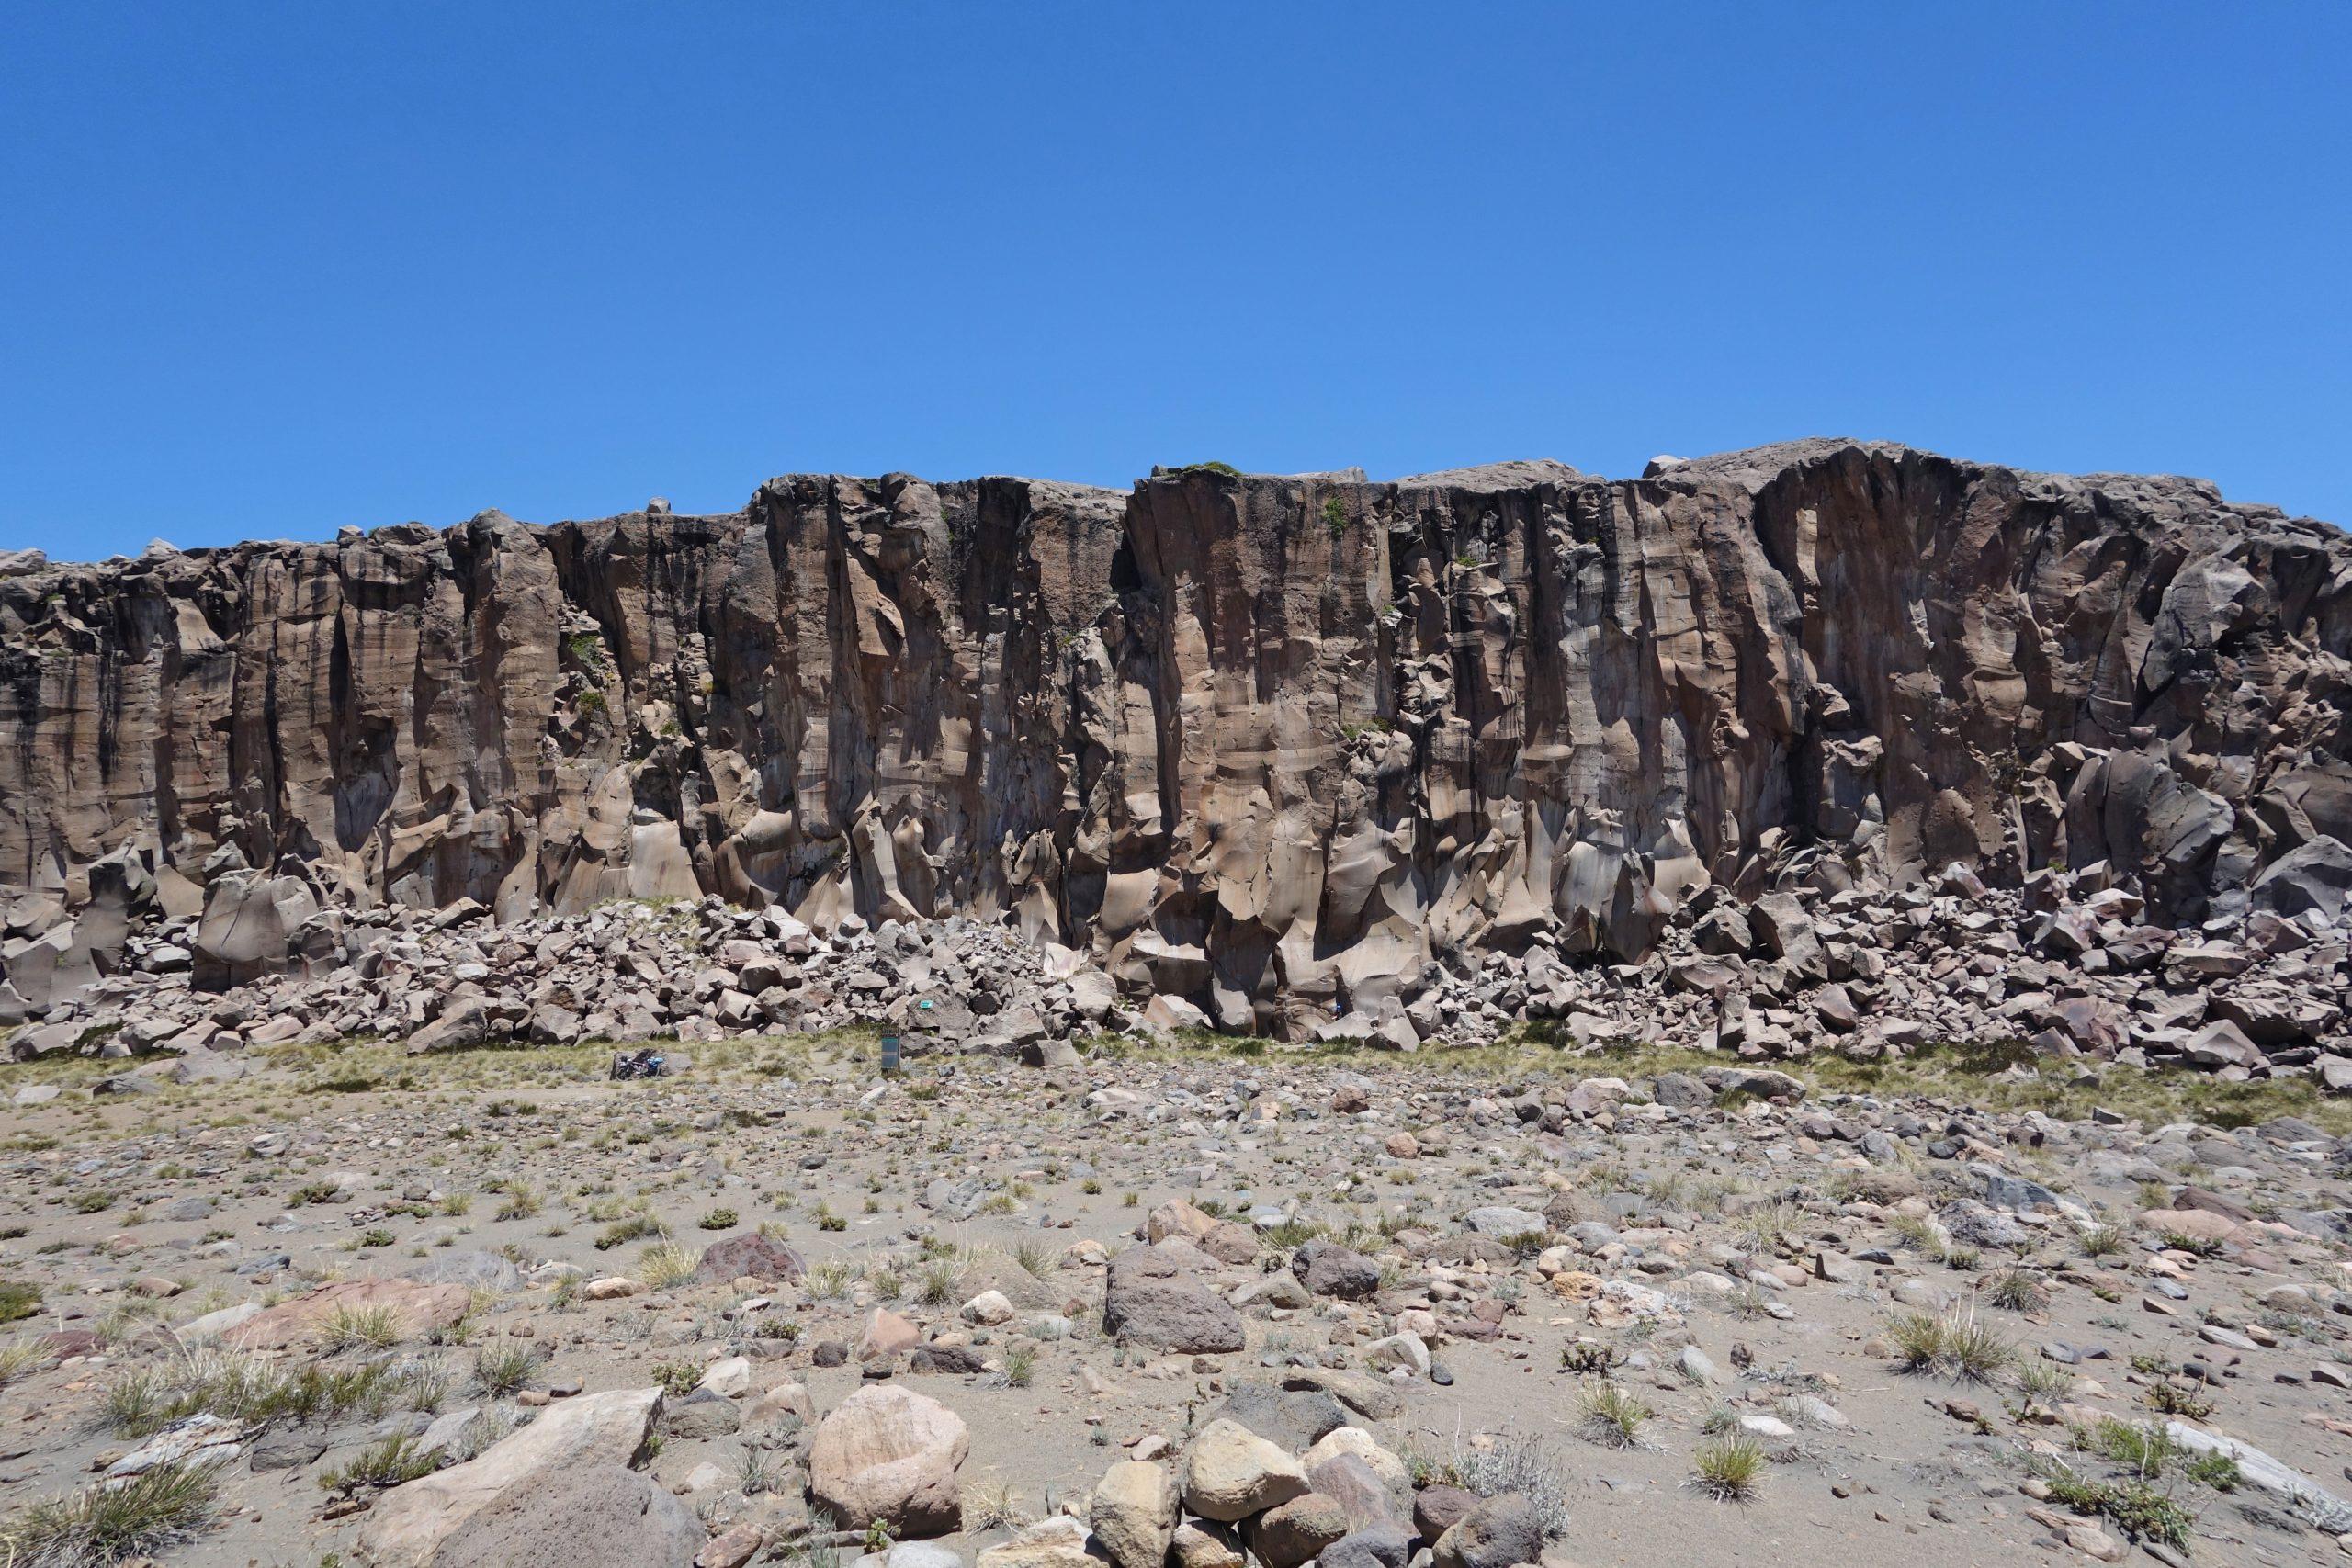 Radreise Südamerika 2019 - Valle de los Condores